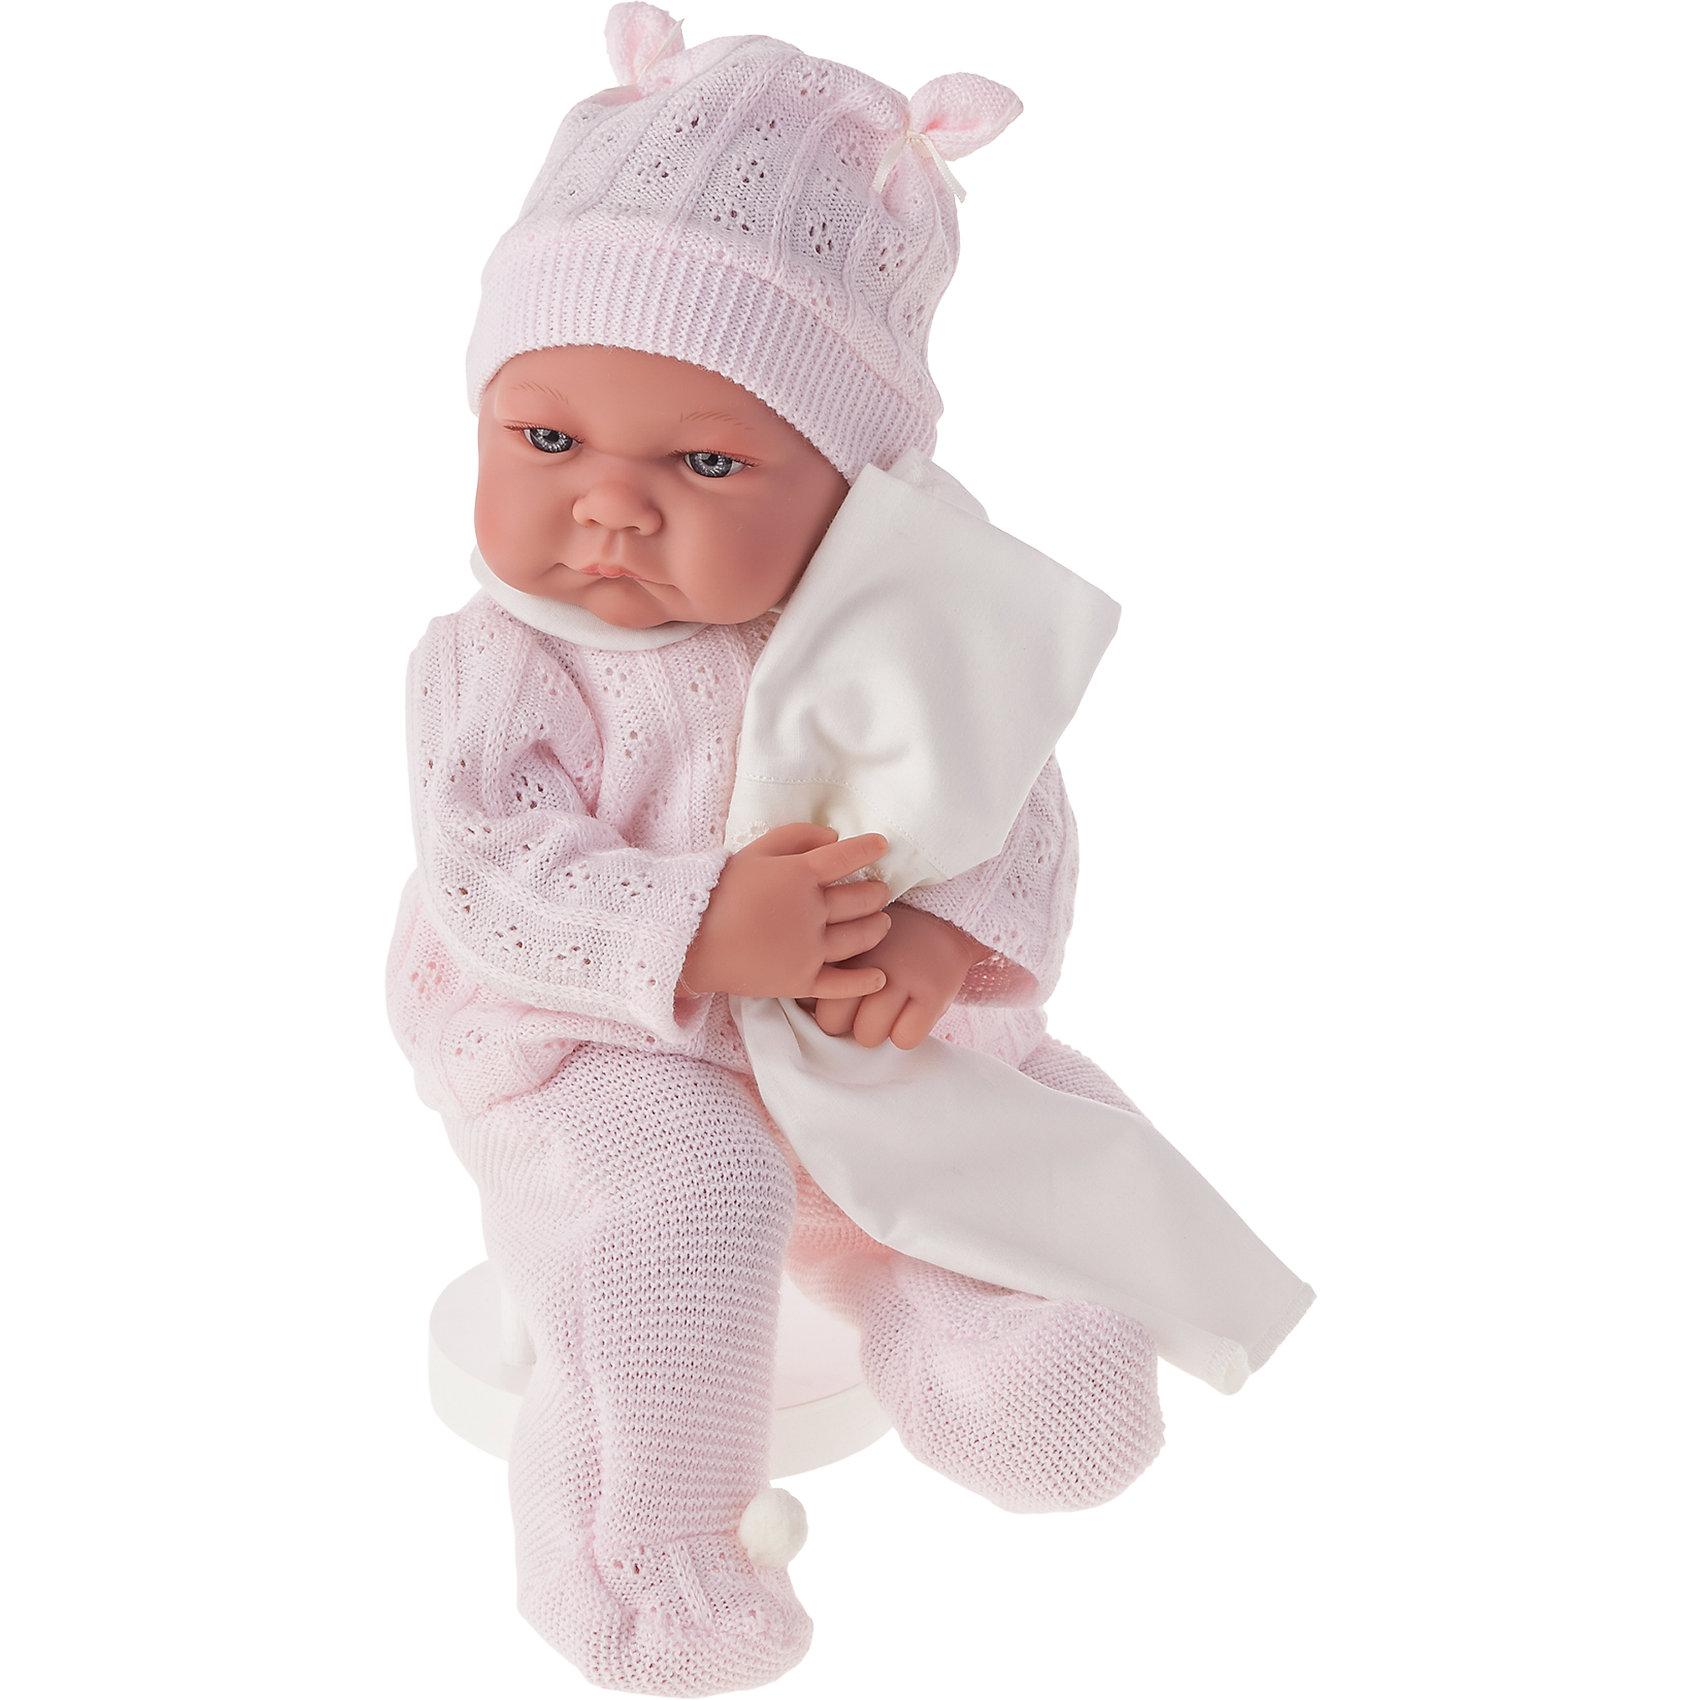 Кукла Ника в розовом, озвученная, 40 см, Munecas Antonio JuanКлассические куклы<br>Характеристики товара:<br><br>• возраст: от 3 лет;<br>• материал: винил, текстиль;<br>• в комплекте: кукла, костюм, шапочка;<br>• высота куклы: 40 см;<br>• размер упаковки: 47х26х16 см;<br>• вес упаковки: 1,45 кг;<br>• страна производитель: Испания.<br><br>Кукла Ника в розовом Munecas Antonio Juan — очаровательный малыш с пухлыми щечками и выразительными глазками. Кукла одета в вязаный розовый костюмчик и шапочку. У куклы подвижные ручки и ножки. При нажатии на кнопку на животике куколка смеется и произносит «папа» и «мама».<br><br>Игра с куклой привьет девочке чувство заботы, помощи, ответственности и любви. Кукла выполнена из качественных безопасных материалов.<br><br>Куклу Нику в розовом Munecas Antonio Juan можно приобрести в нашем интернет-магазине.<br><br>Ширина мм: 550<br>Глубина мм: 265<br>Высота мм: 160<br>Вес г: 1650<br>Возраст от месяцев: 36<br>Возраст до месяцев: 2147483647<br>Пол: Женский<br>Возраст: Детский<br>SKU: 5364640